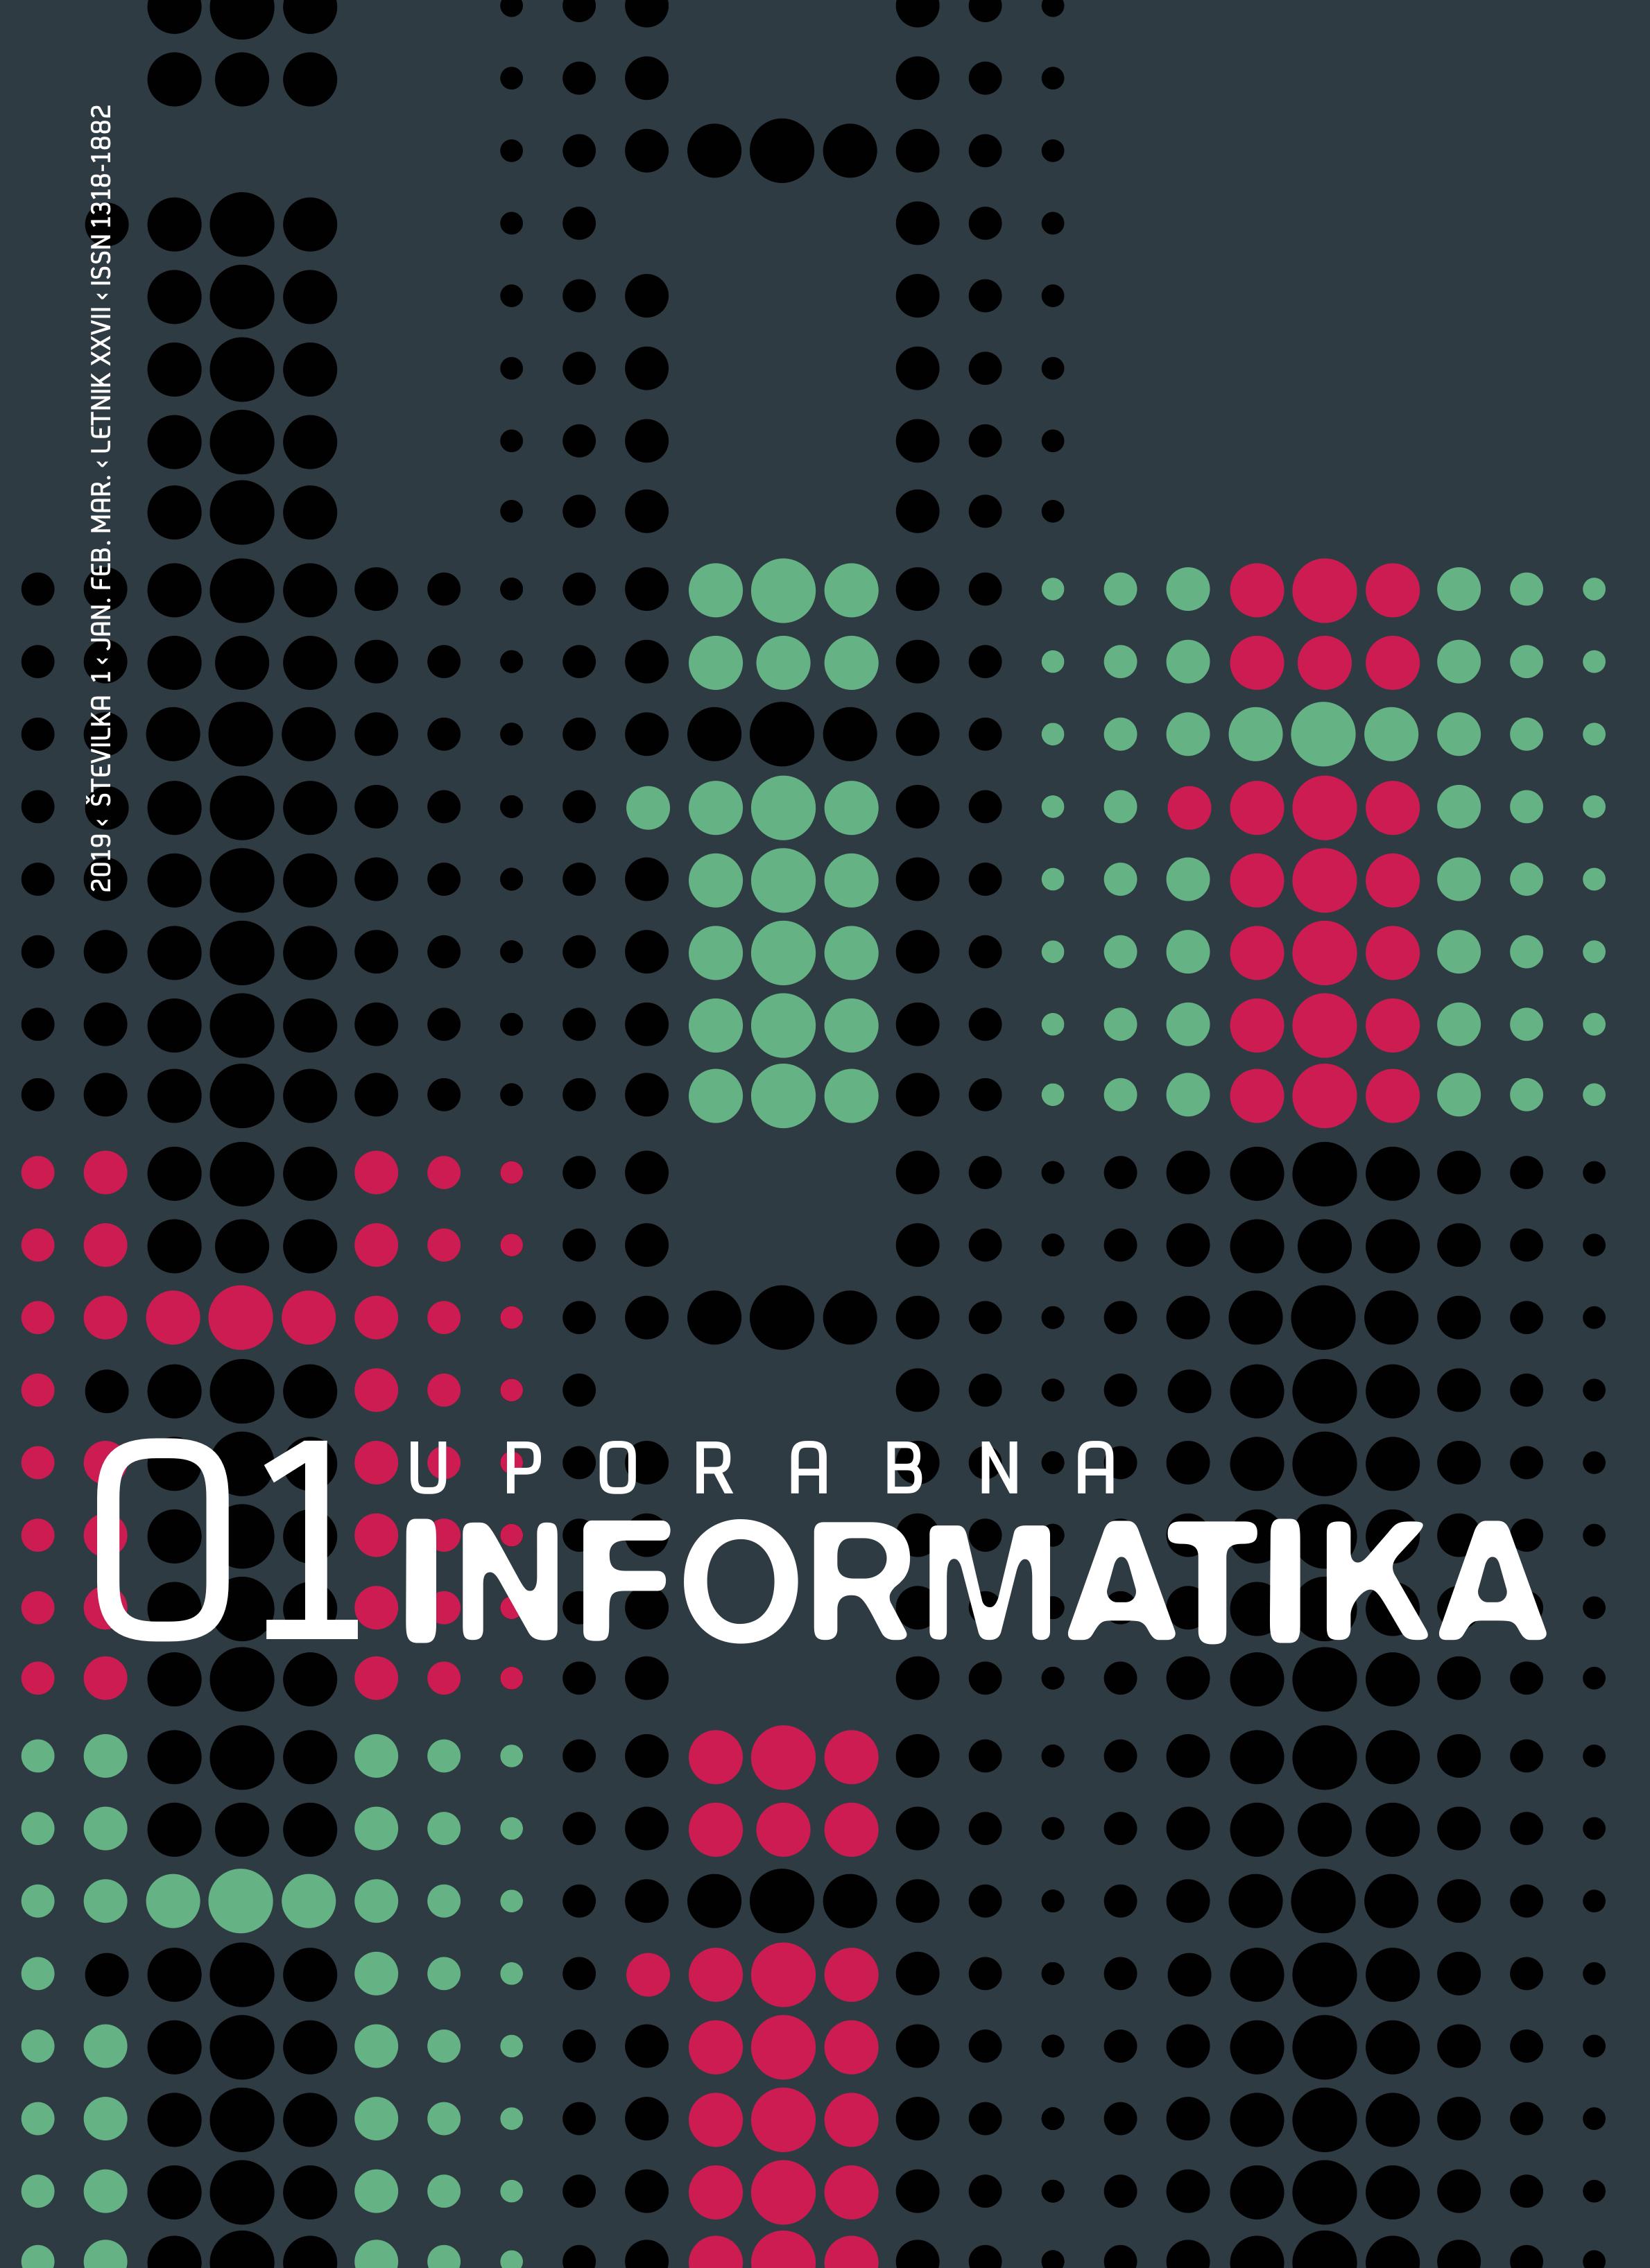 Poglej Letn. 27 Št. 1 (2019): Uporabna informatika